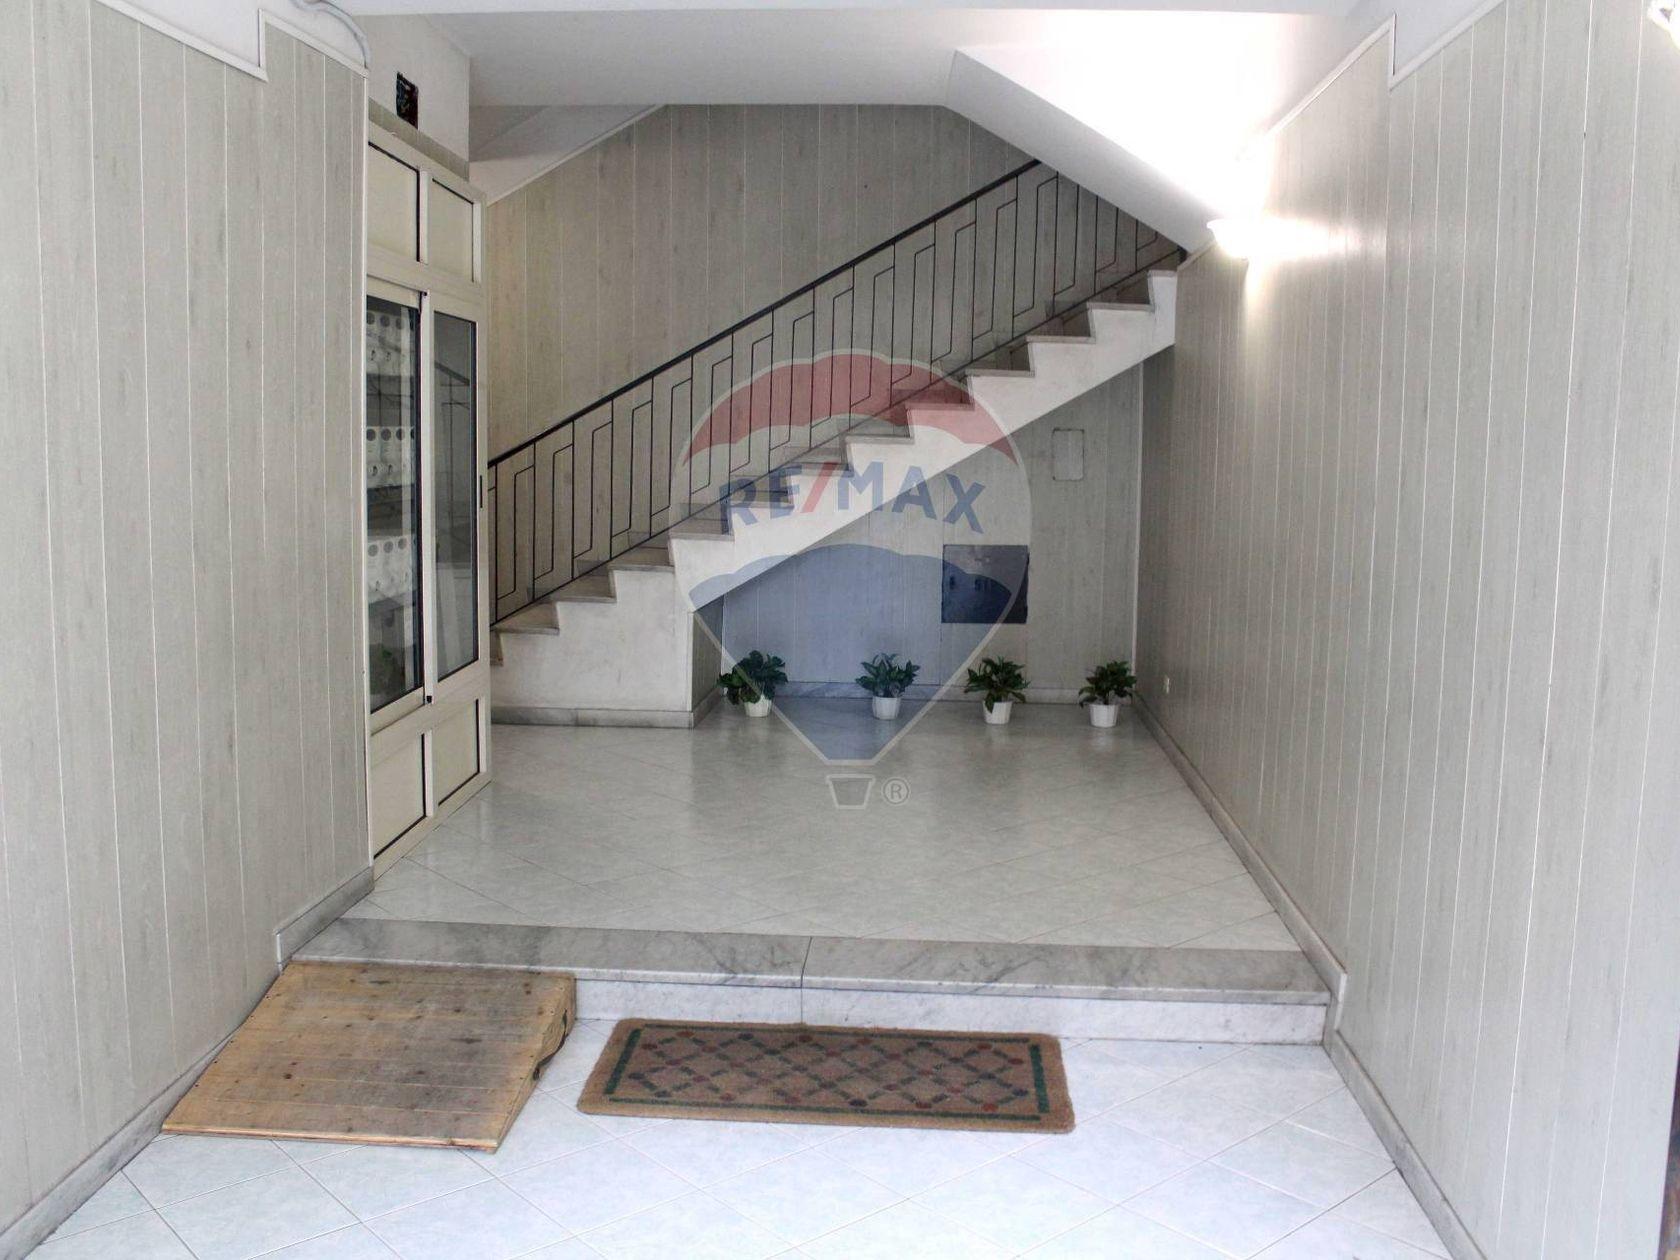 Appartamento Catania-san Leone,palermo,nesima,palestro, Catania, CT Vendita - Foto 3